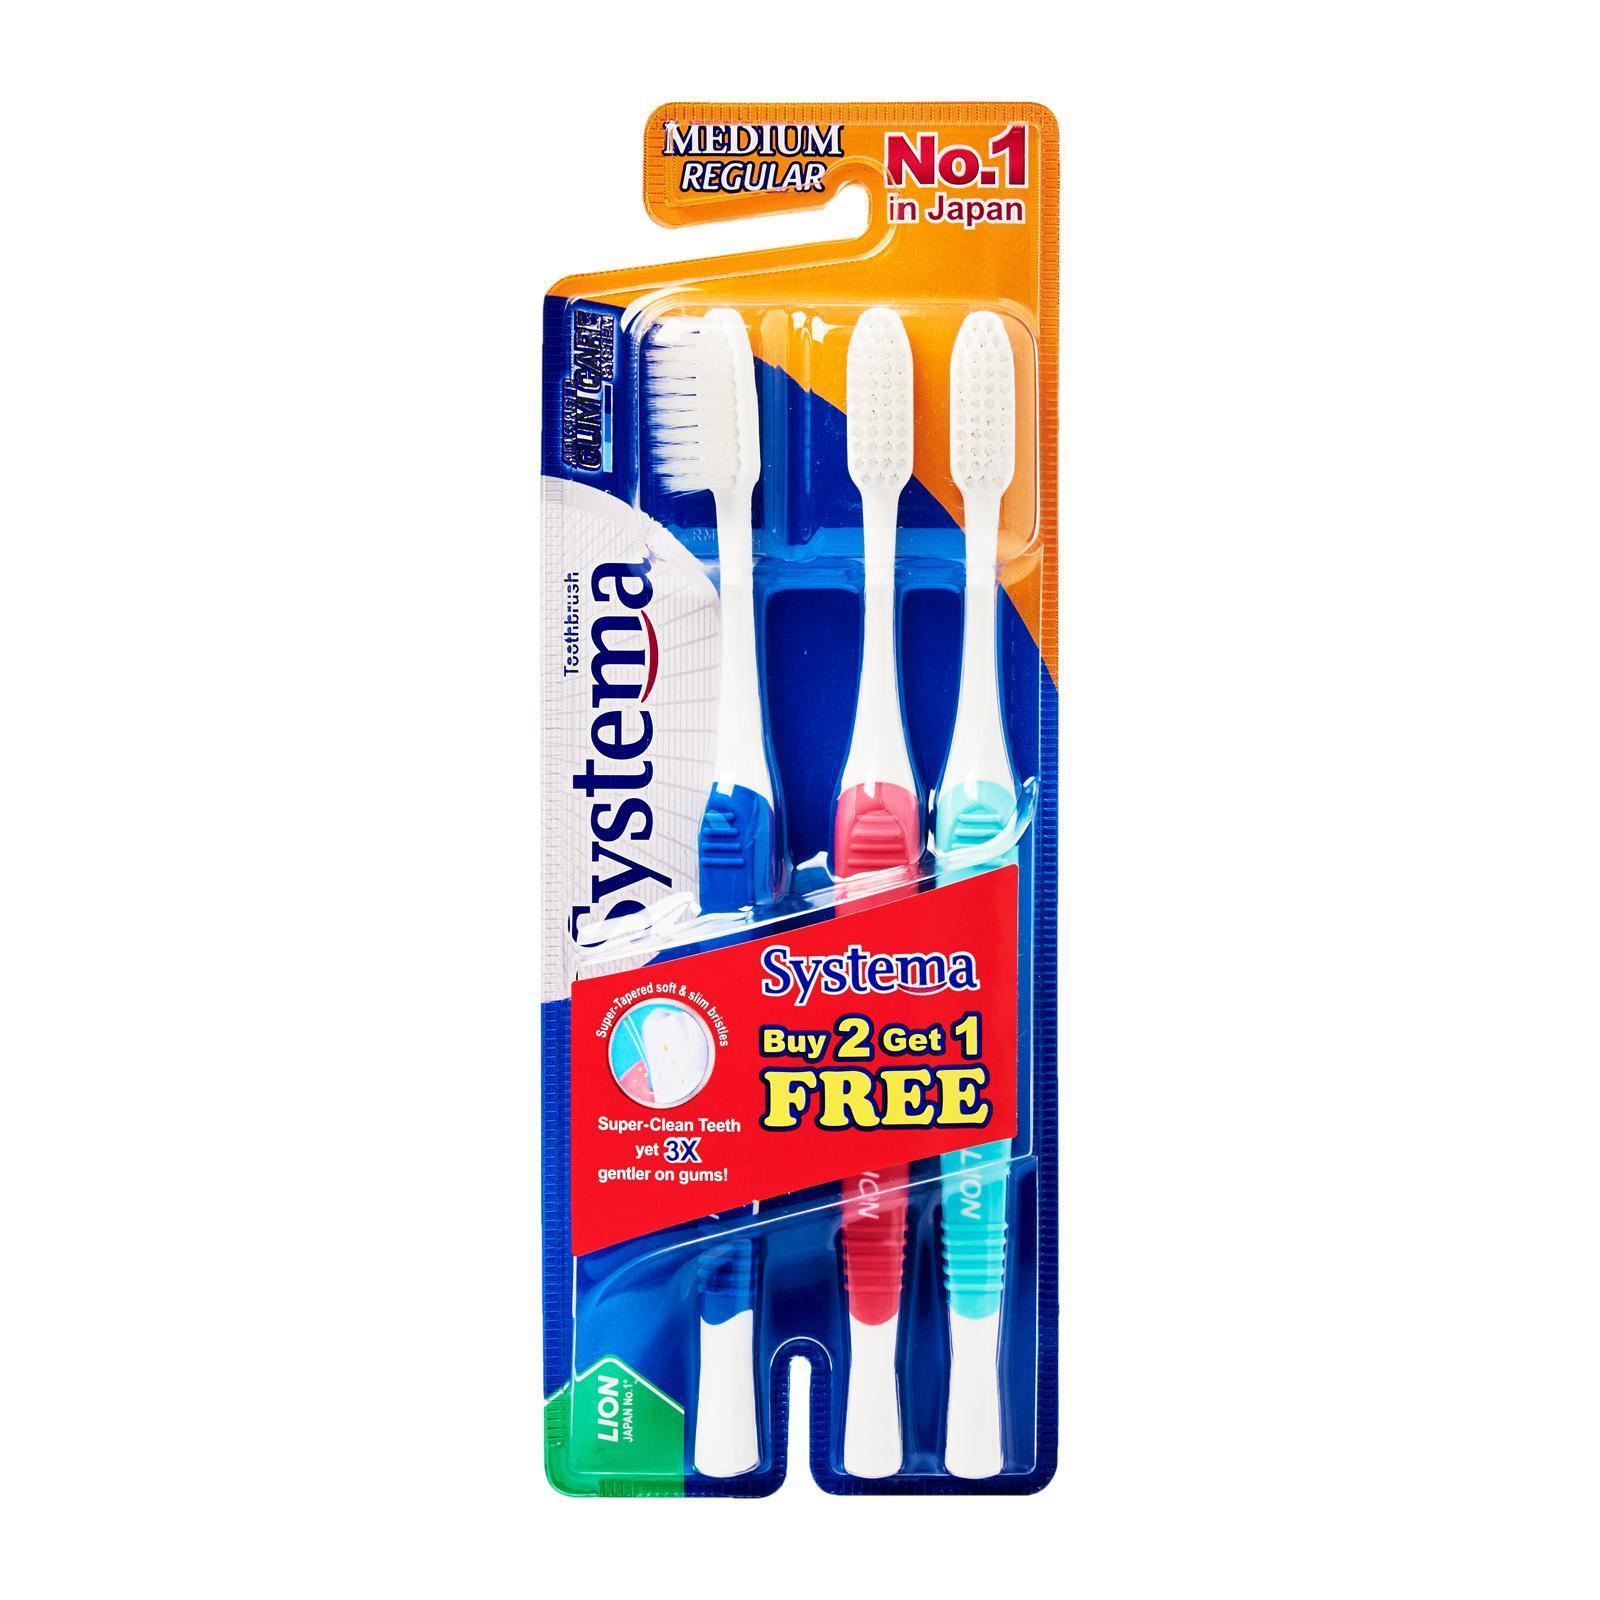 Systema Gum Care Toothbrush - Regular Head Med